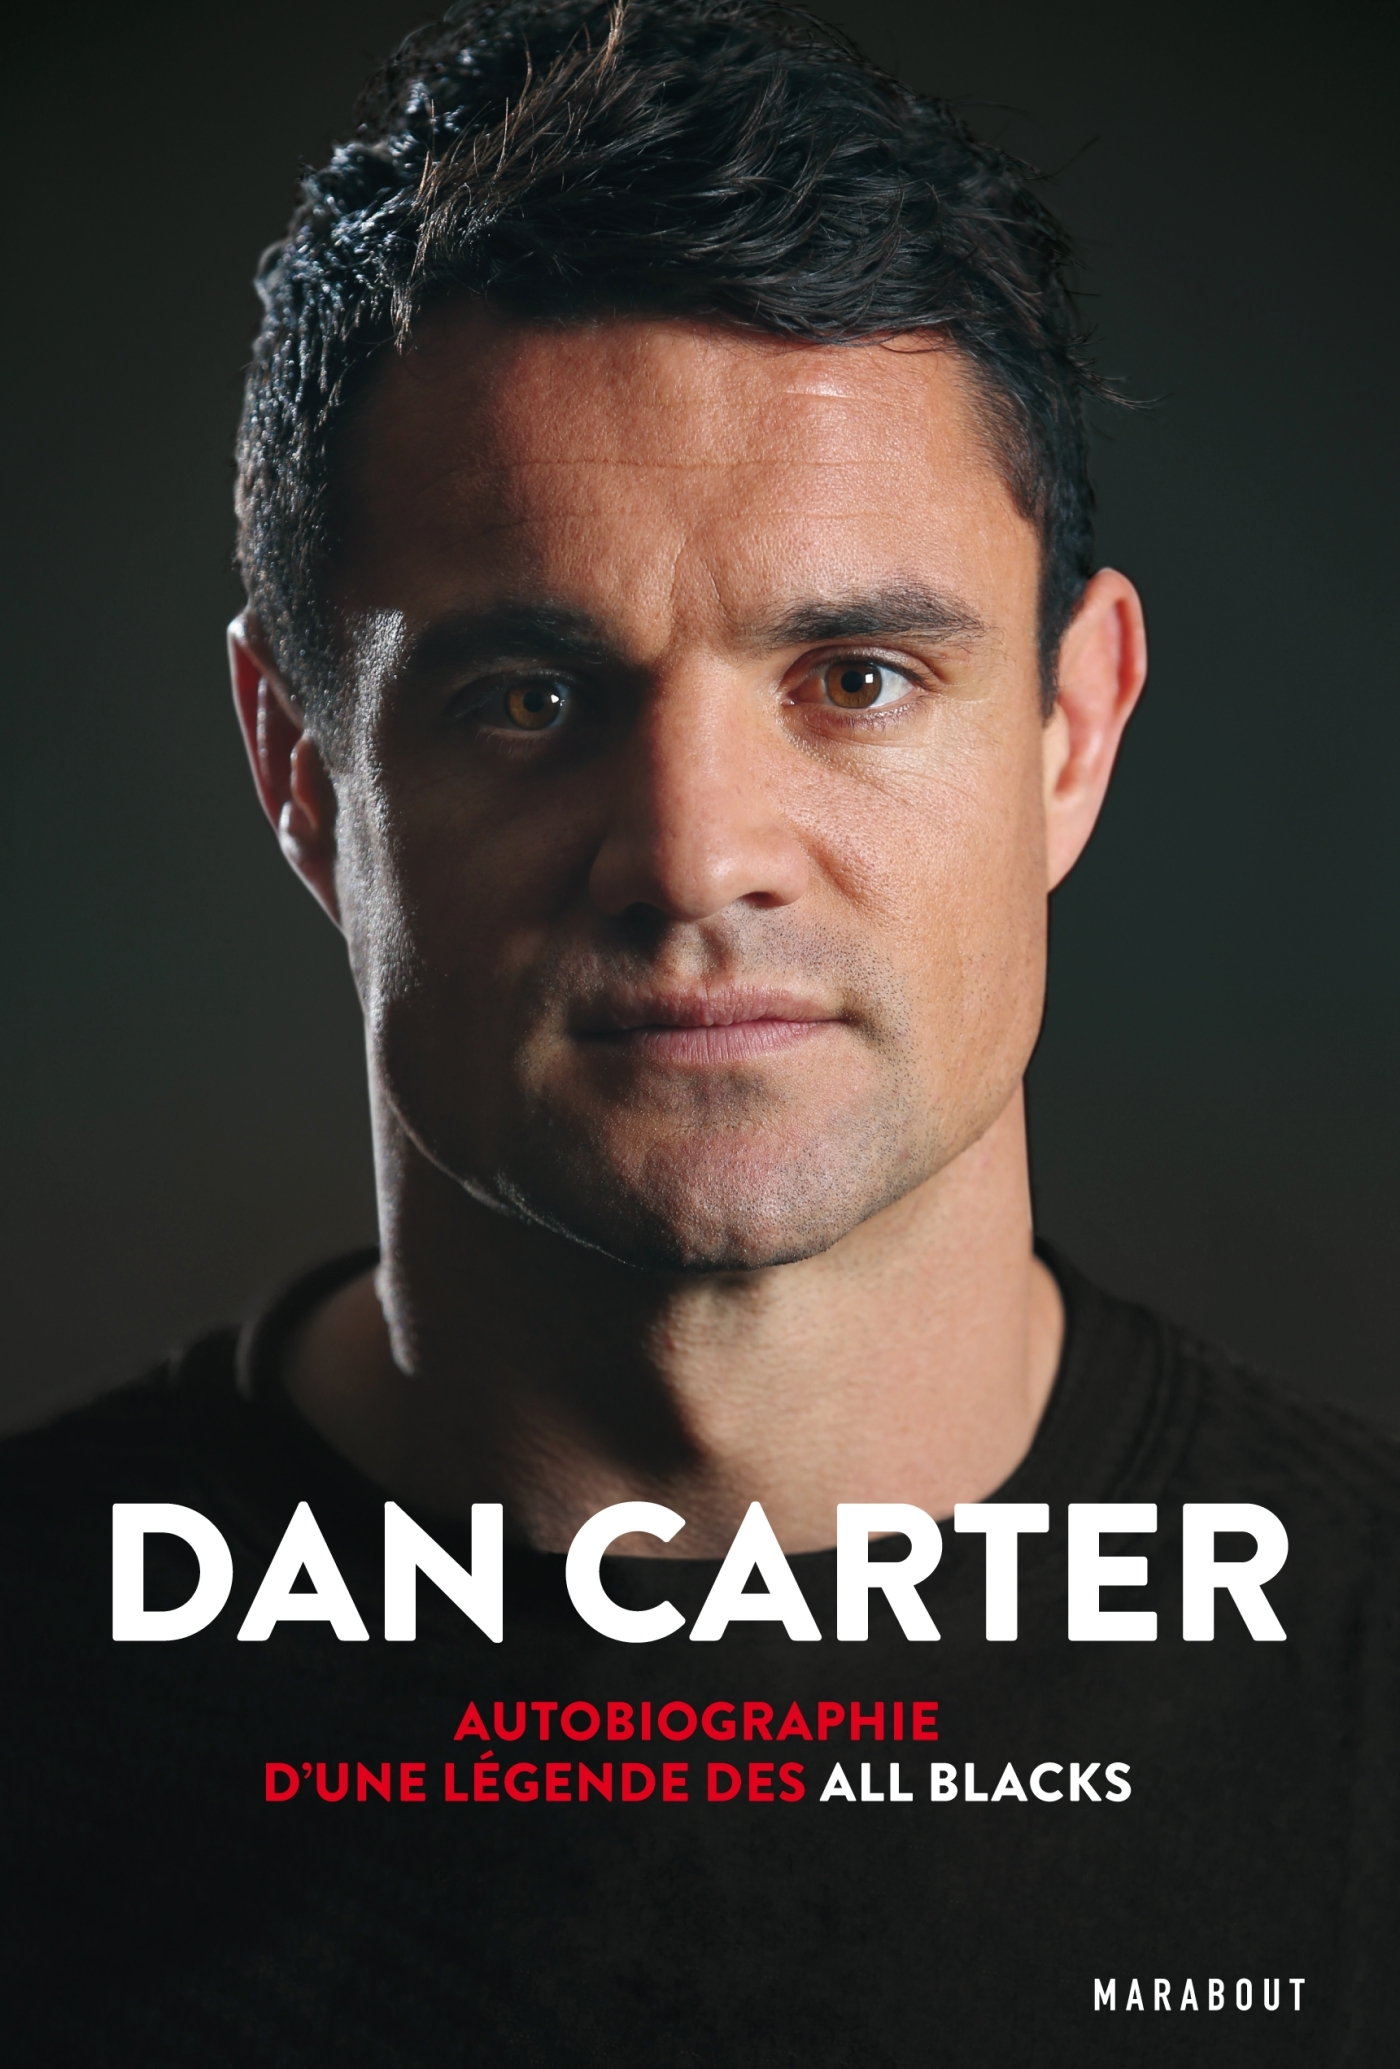 DAN CARTER